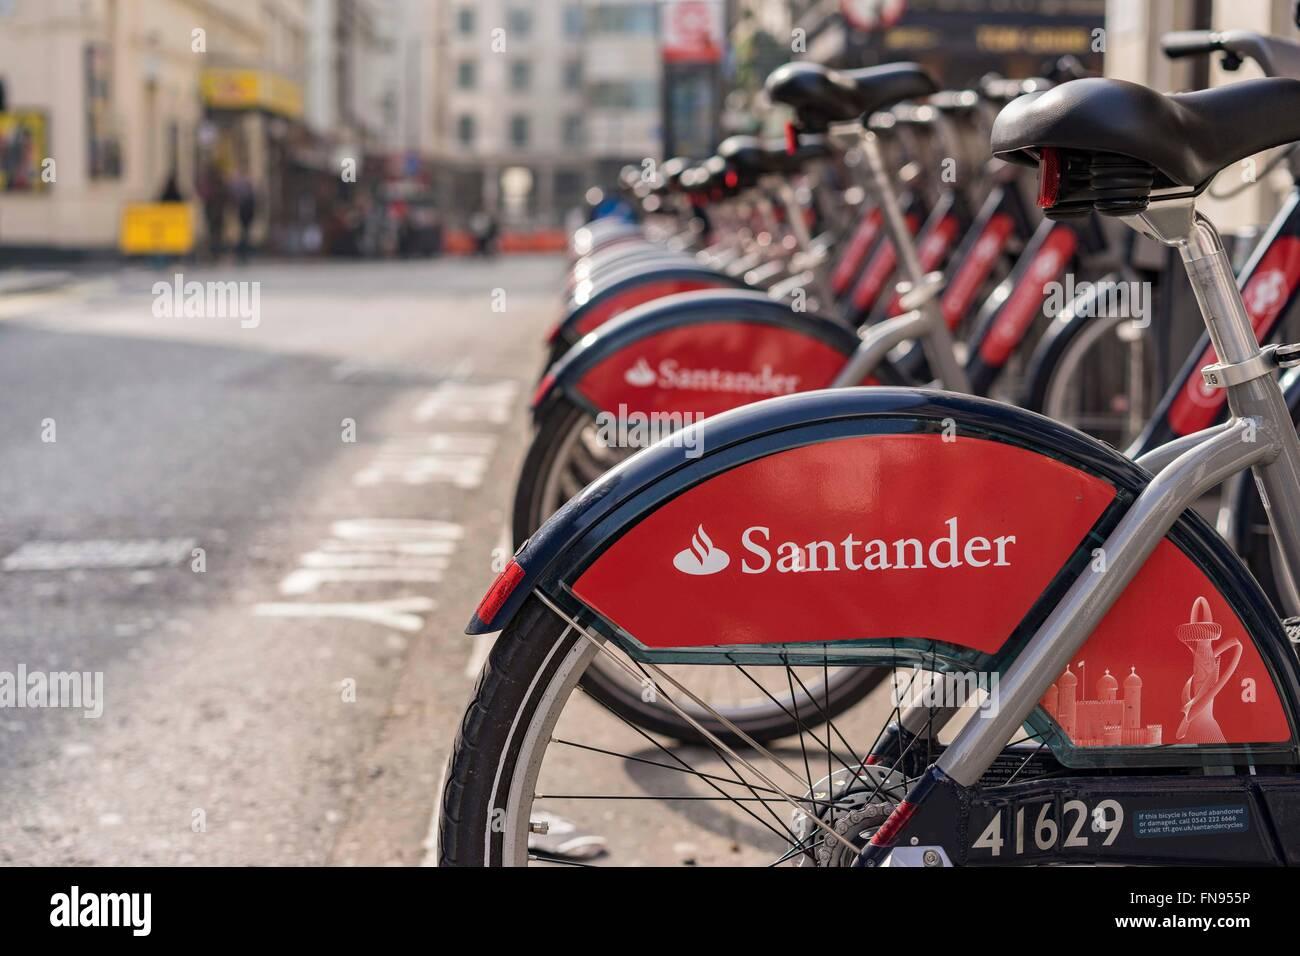 Eine Reihe von Boris Bikes (Santander Zyklen) an eine Docking-Station für Verleih, Panton Street, London SW1, UK Stockfoto